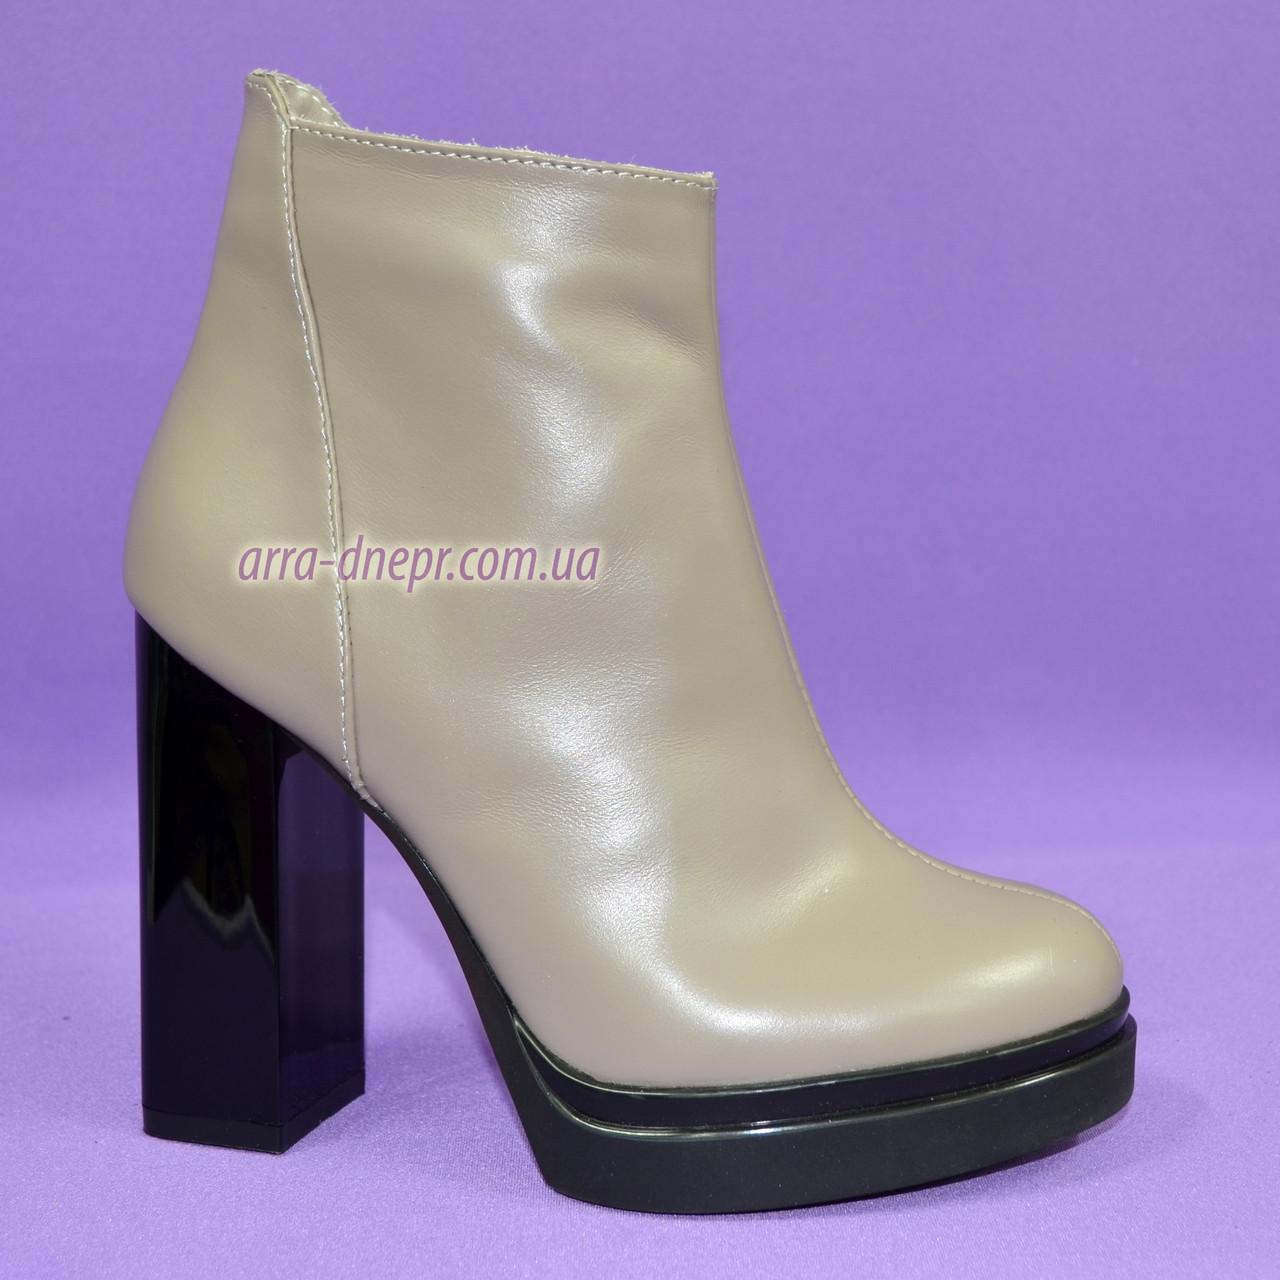 женские классические ботинки на высоком каблуке, из натуральной кожи, цвет визон